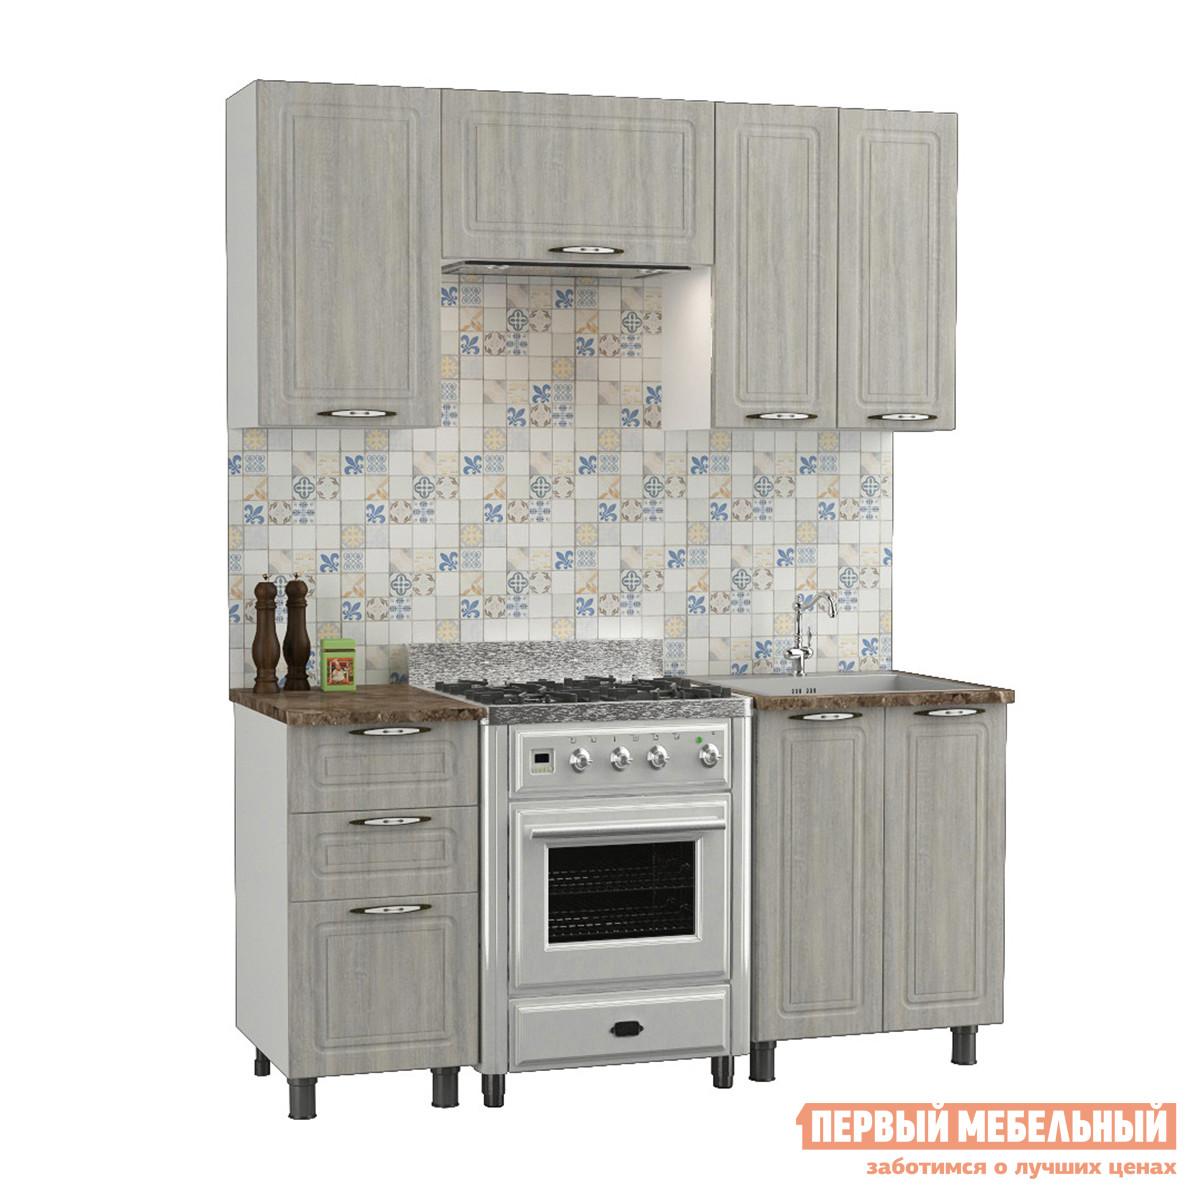 Кухонный гарнитур Первый Мебельный Прованс 1,6 м кухонный гарнитур витра тиффани к2